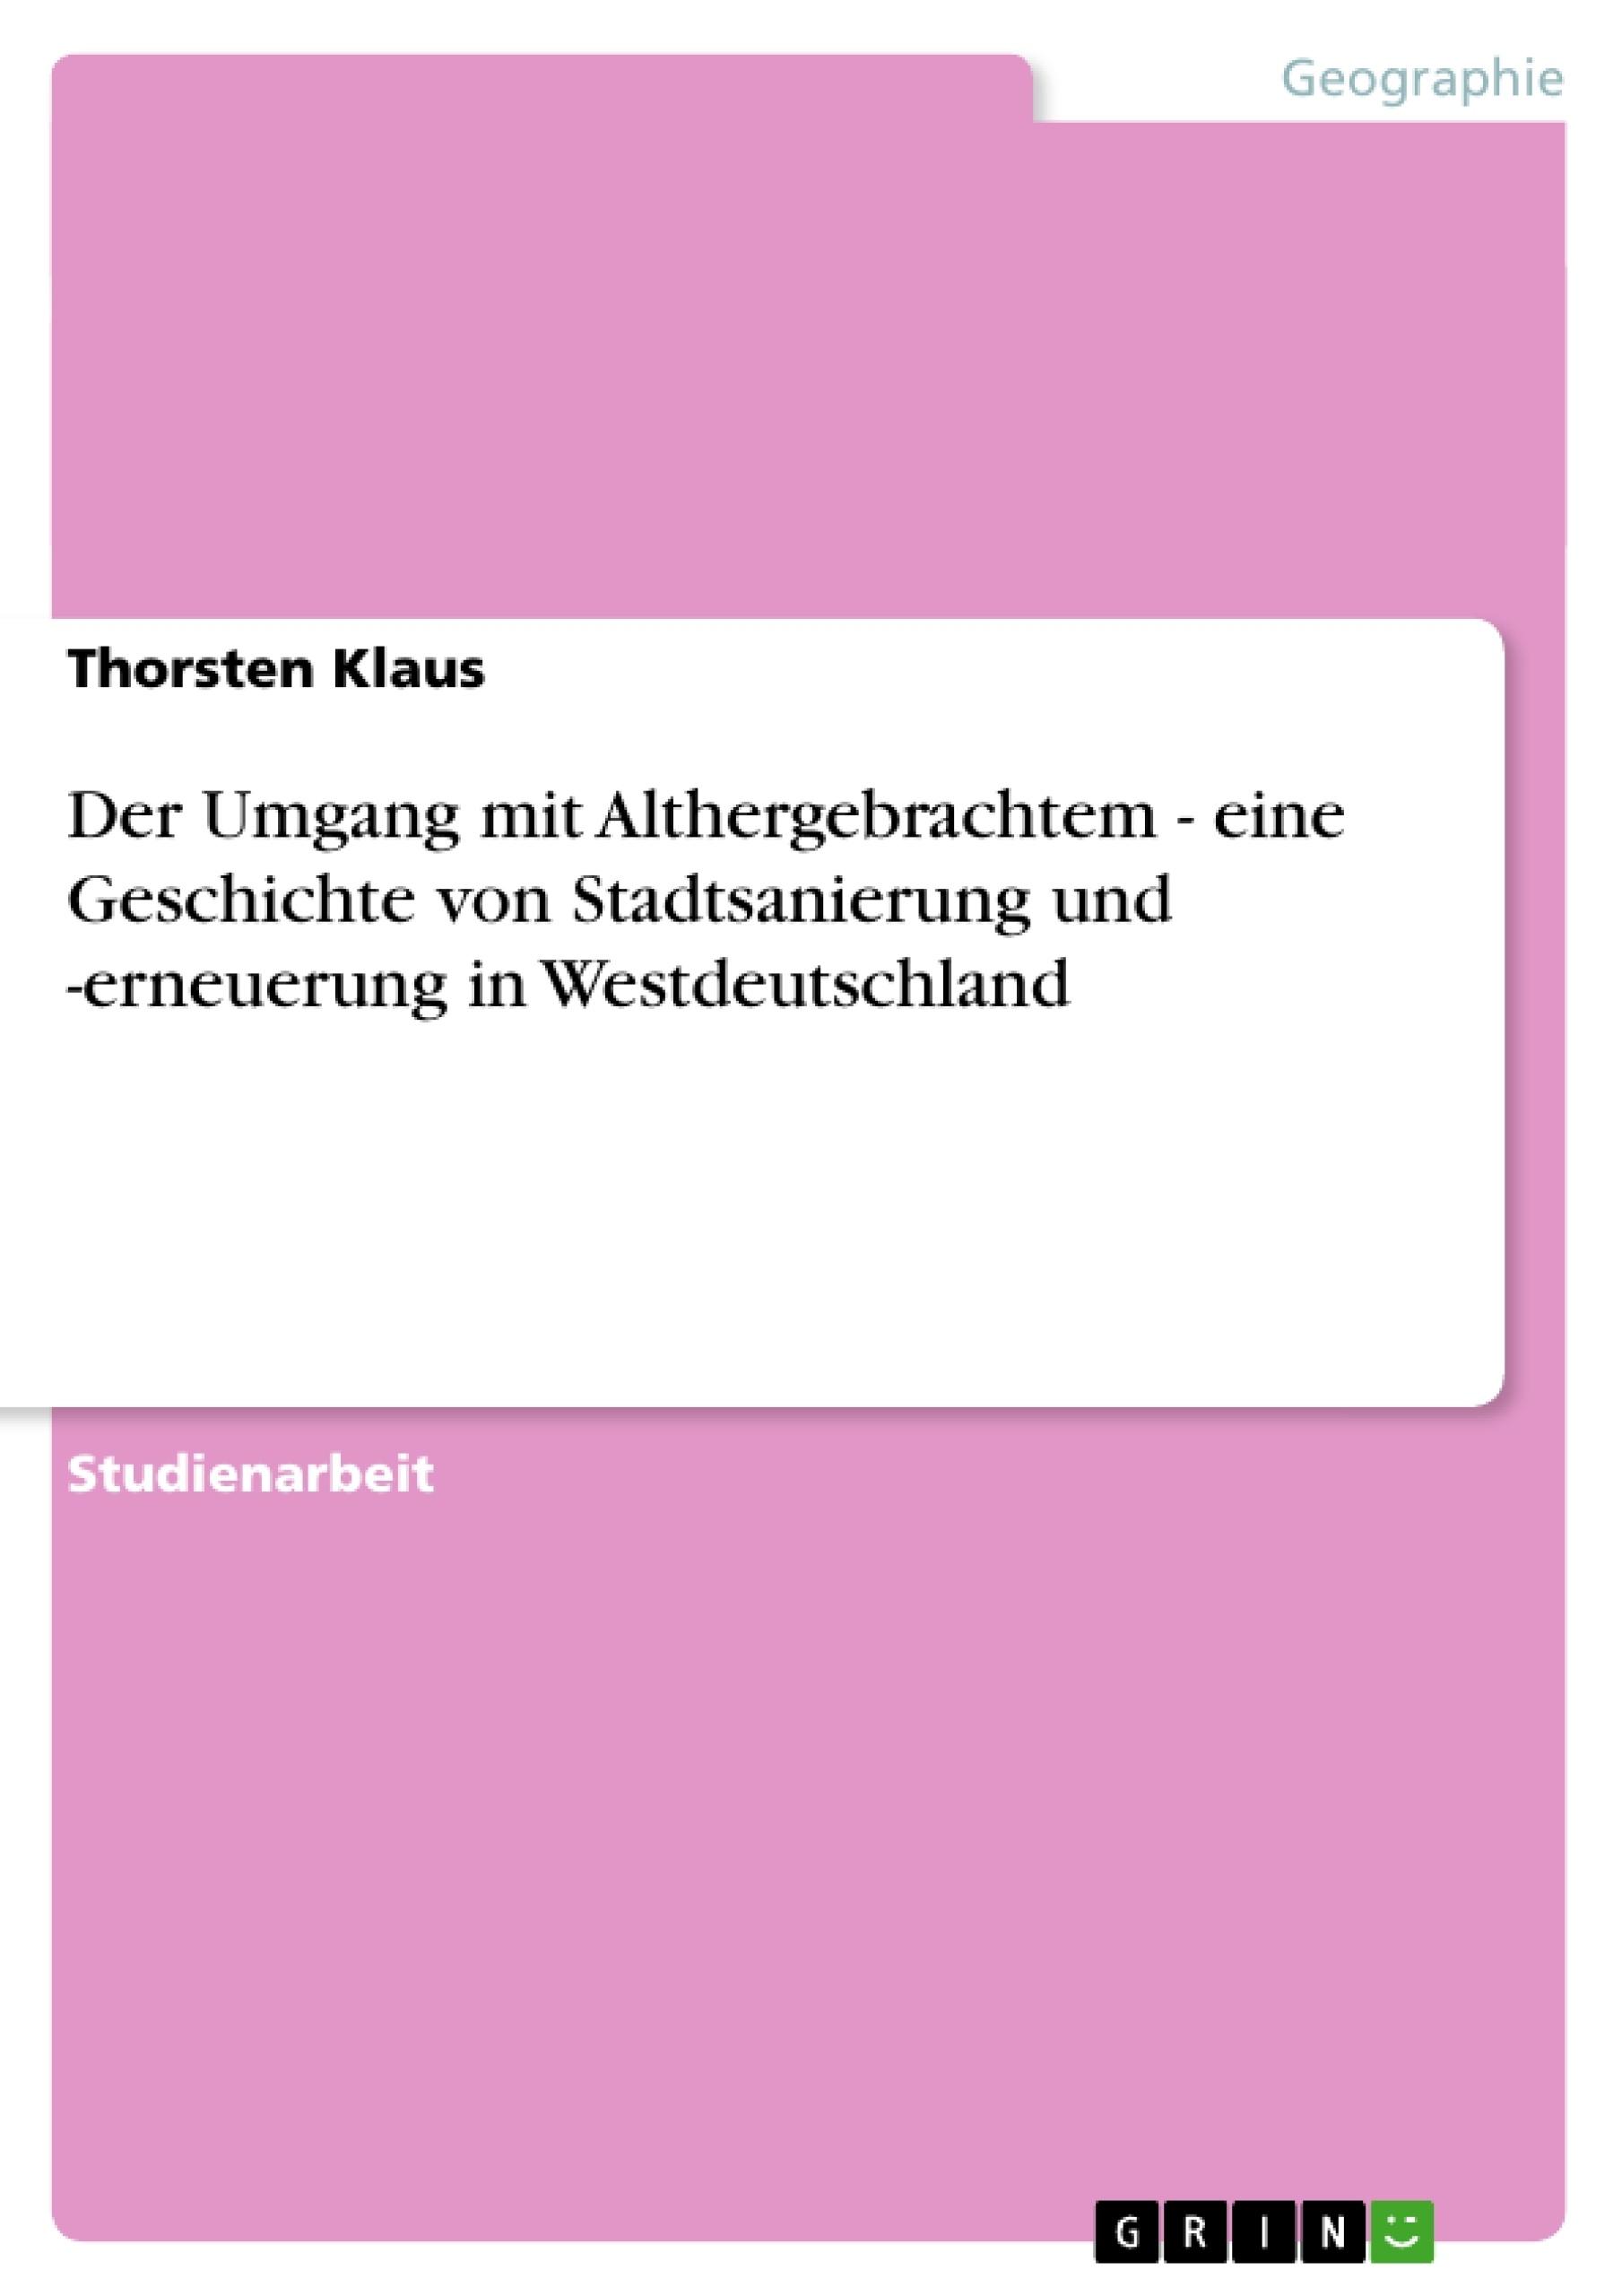 Titel: Der Umgang mit Althergebrachtem - eine Geschichte von Stadtsanierung und -erneuerung in Westdeutschland